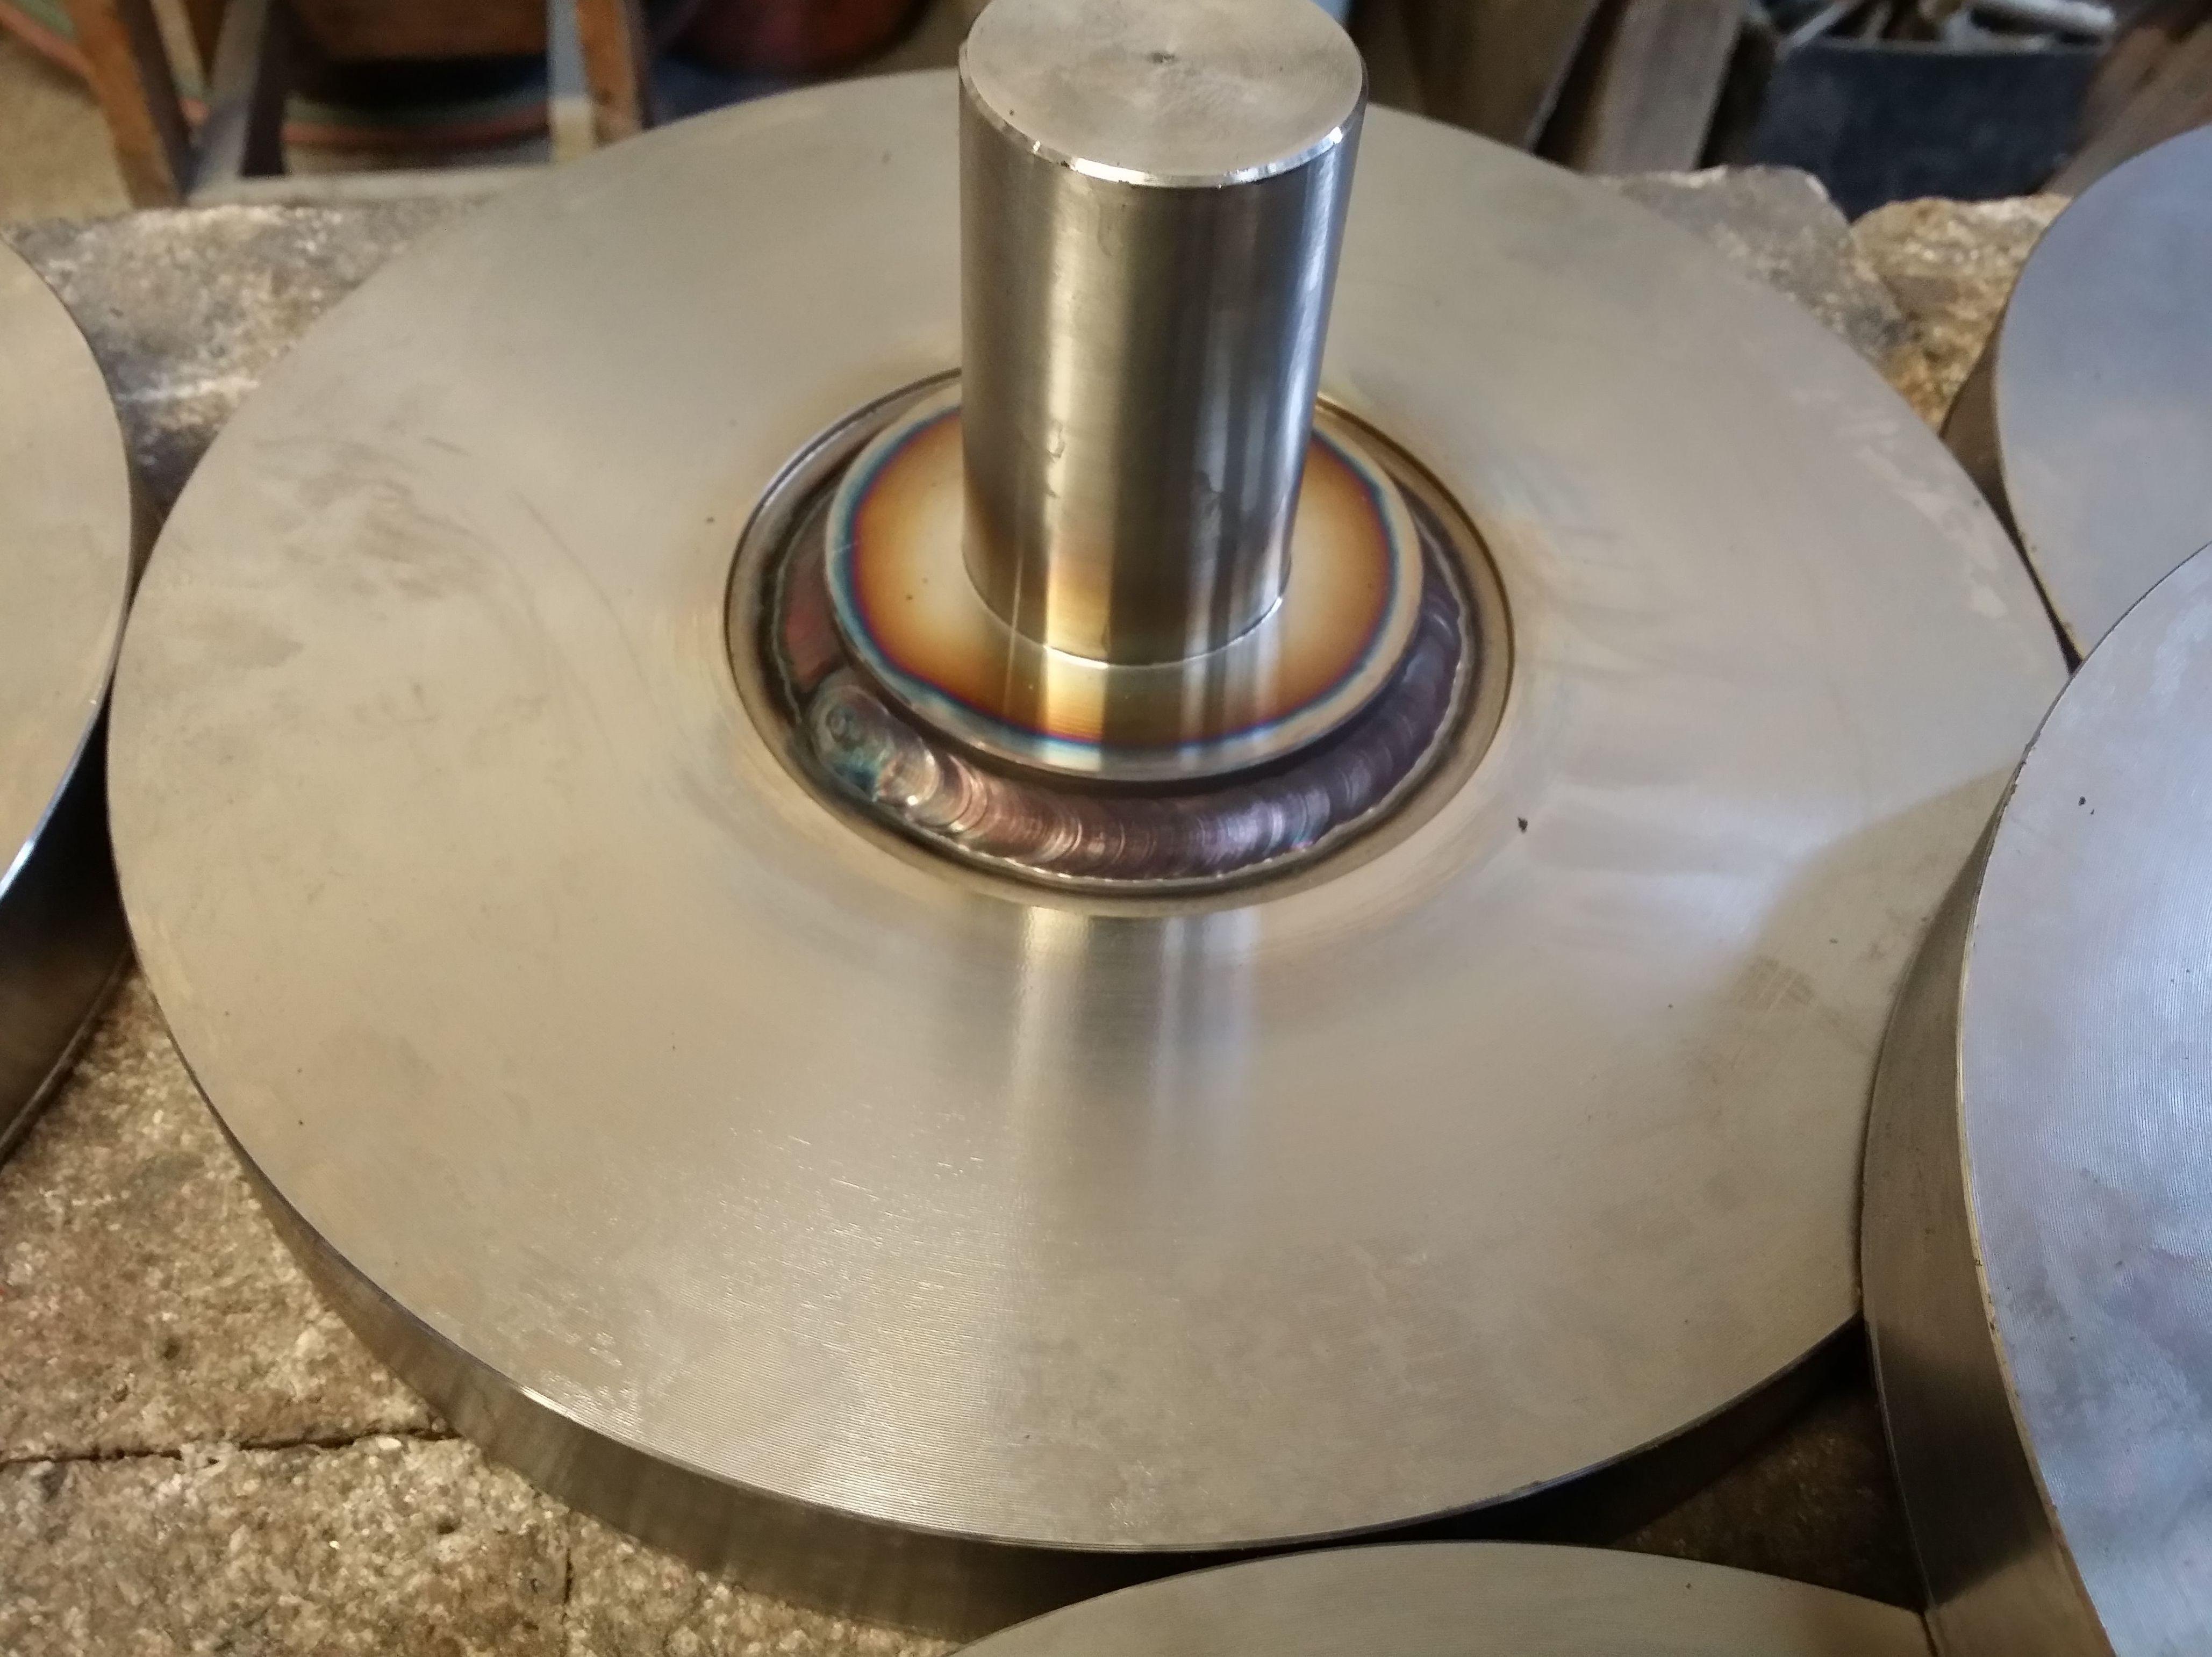 Realizamos soldaduras con todo tipo de materiales metálicos